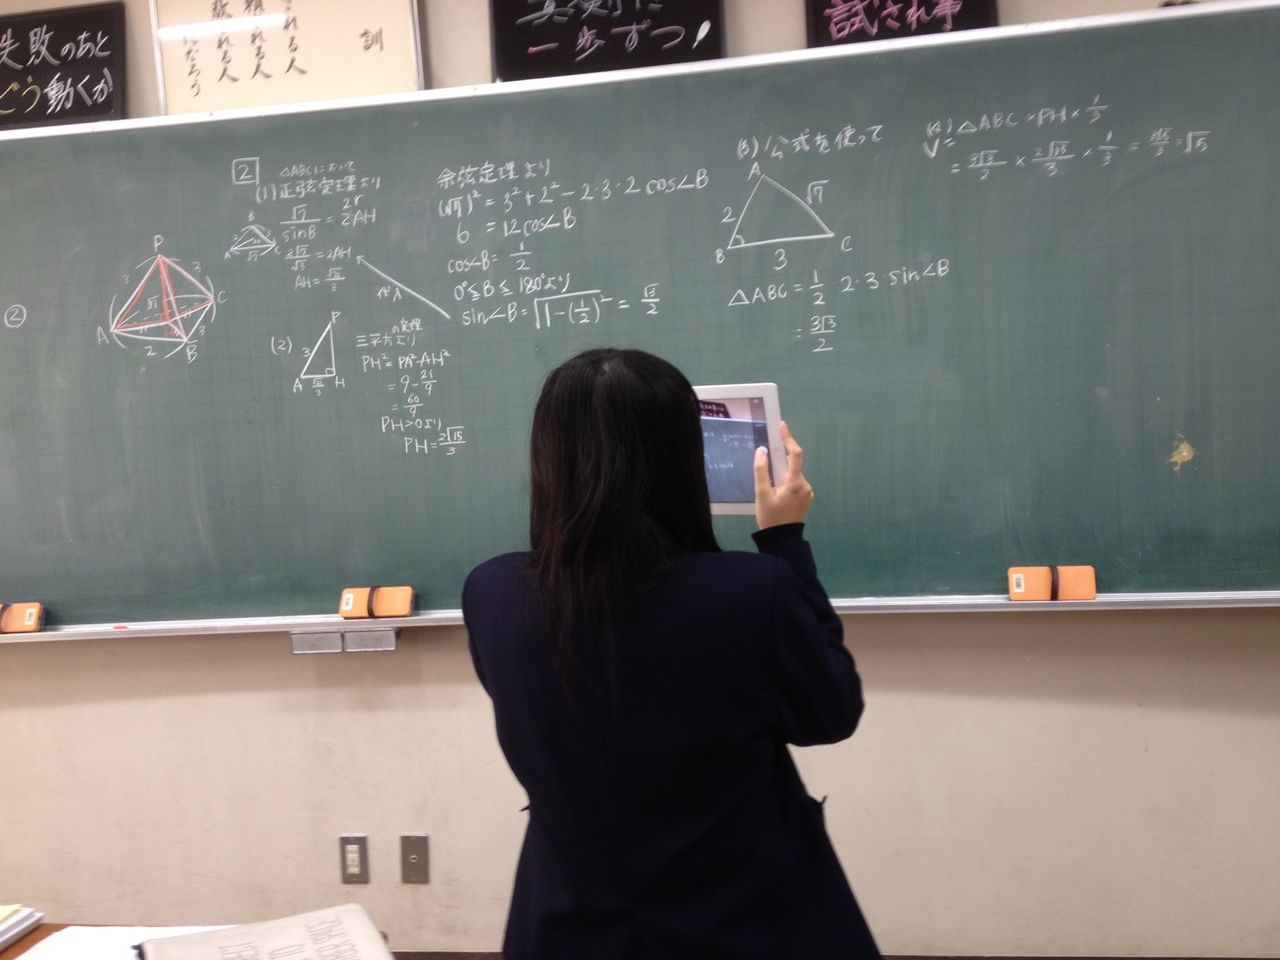 美少女JK「なぜ授業でノートをとらなきゃいけないの?写真撮ったほうが早いし効率的でしょ」